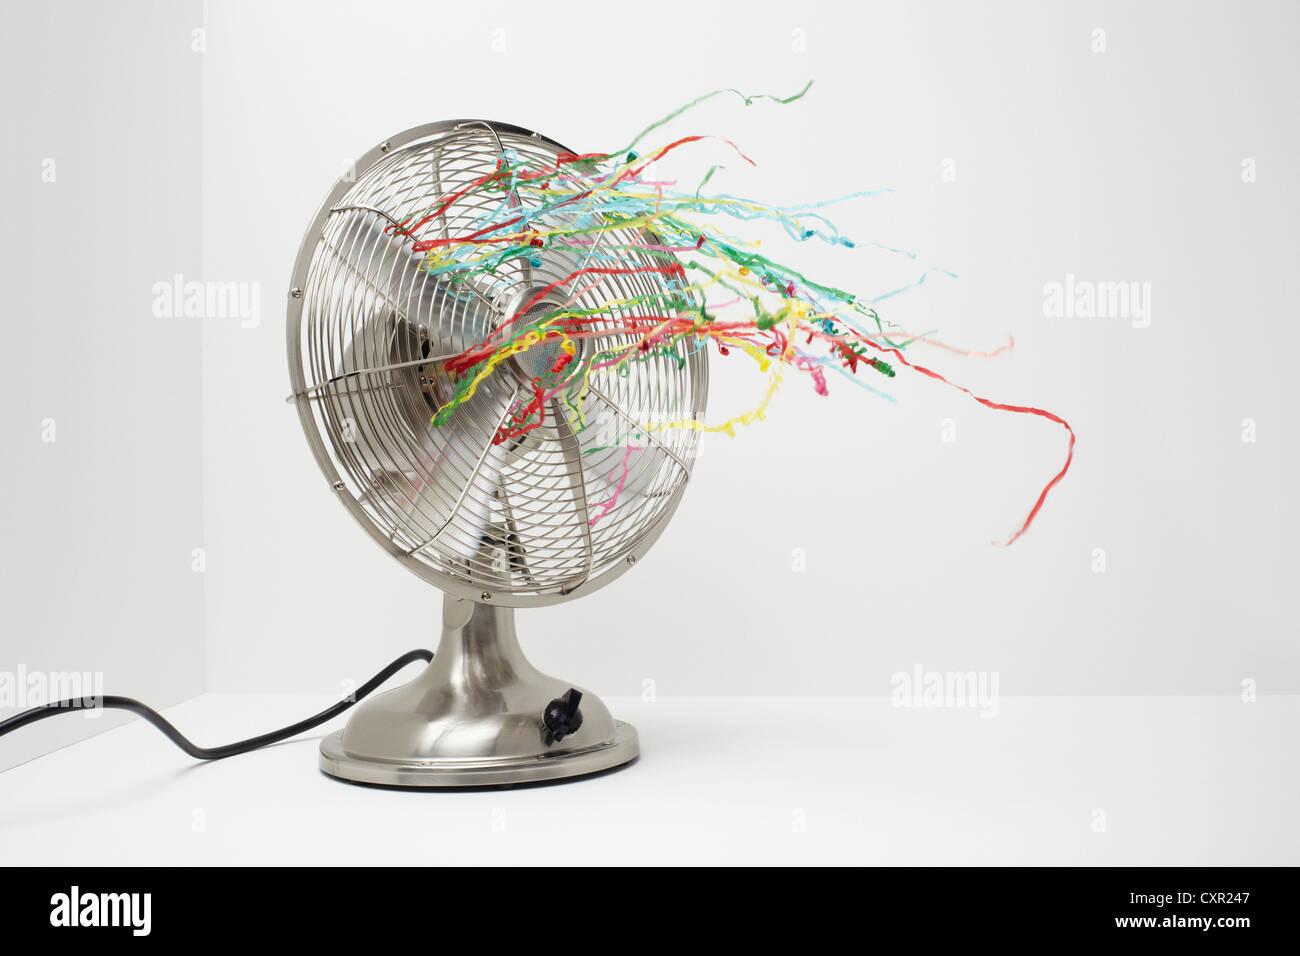 Ventilador eléctrico con streamers Imagen De Stock